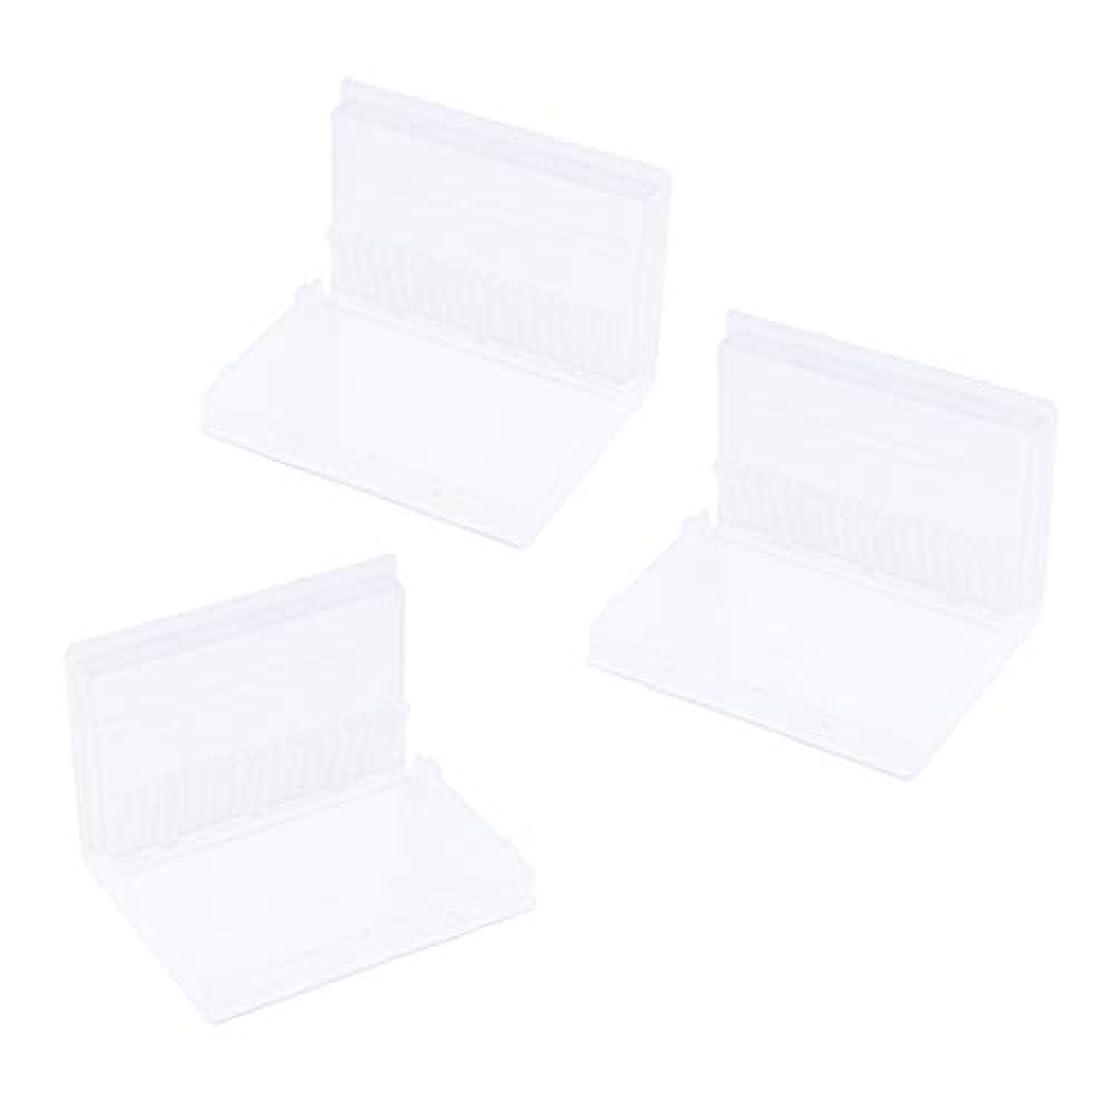 前みすぼらしいホステスTachiuwa プラスチック 収納ボックス 20穴 マニキュアツール ネイルドリルビット スタンド ホルダー 3個入り